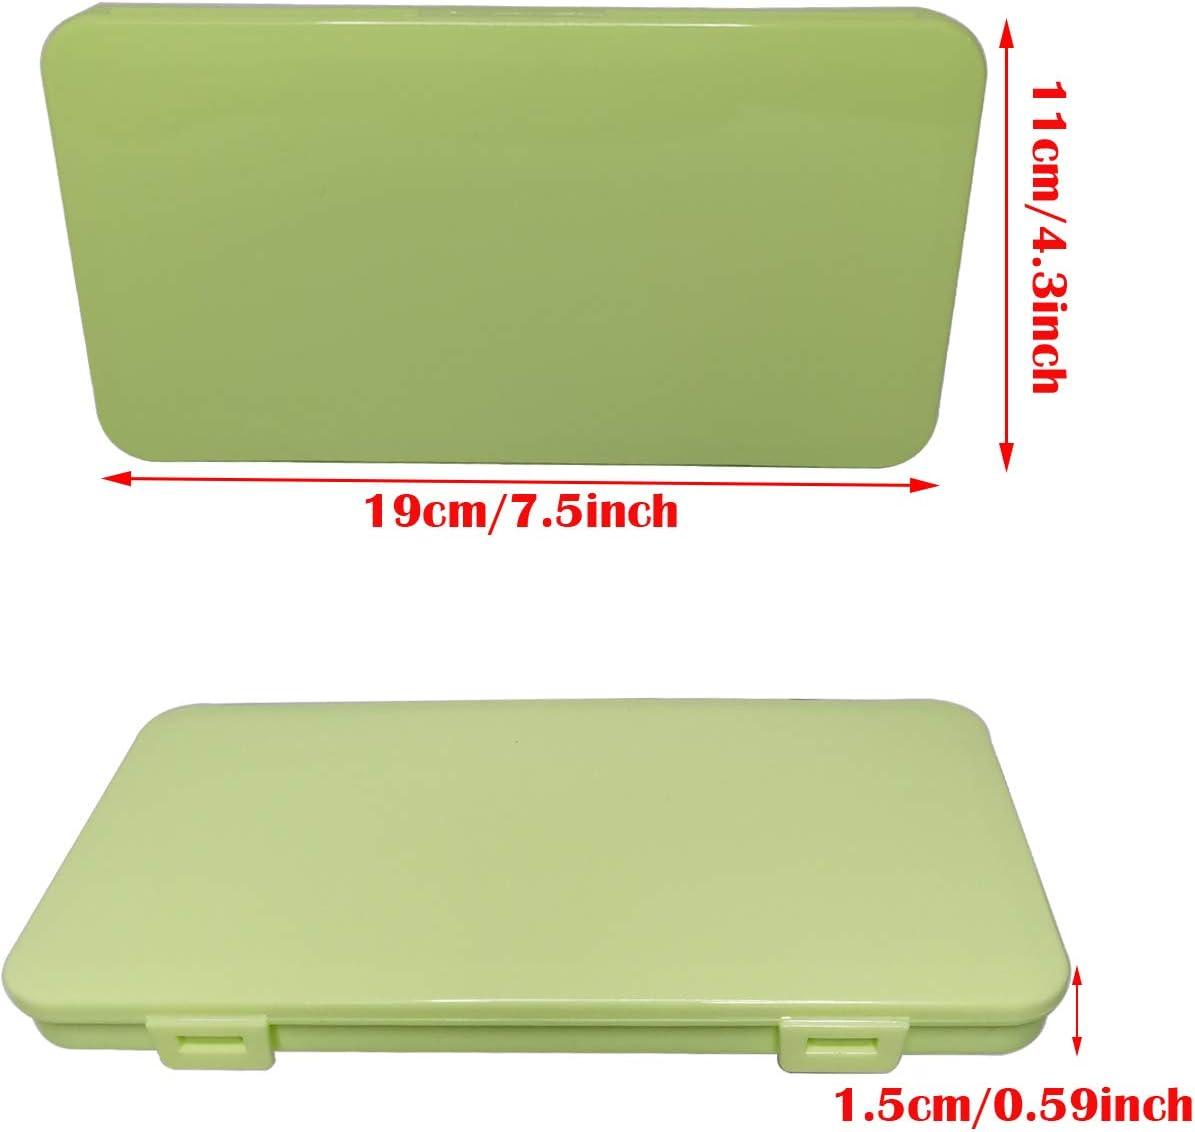 ouvre-porte portable adapt/é aux guichets automatiques et /à l/écran tactile Avec porte-cl/és n /° 4 CTRICALVER 2 Ouvre-porte sans contact EDC Silver white